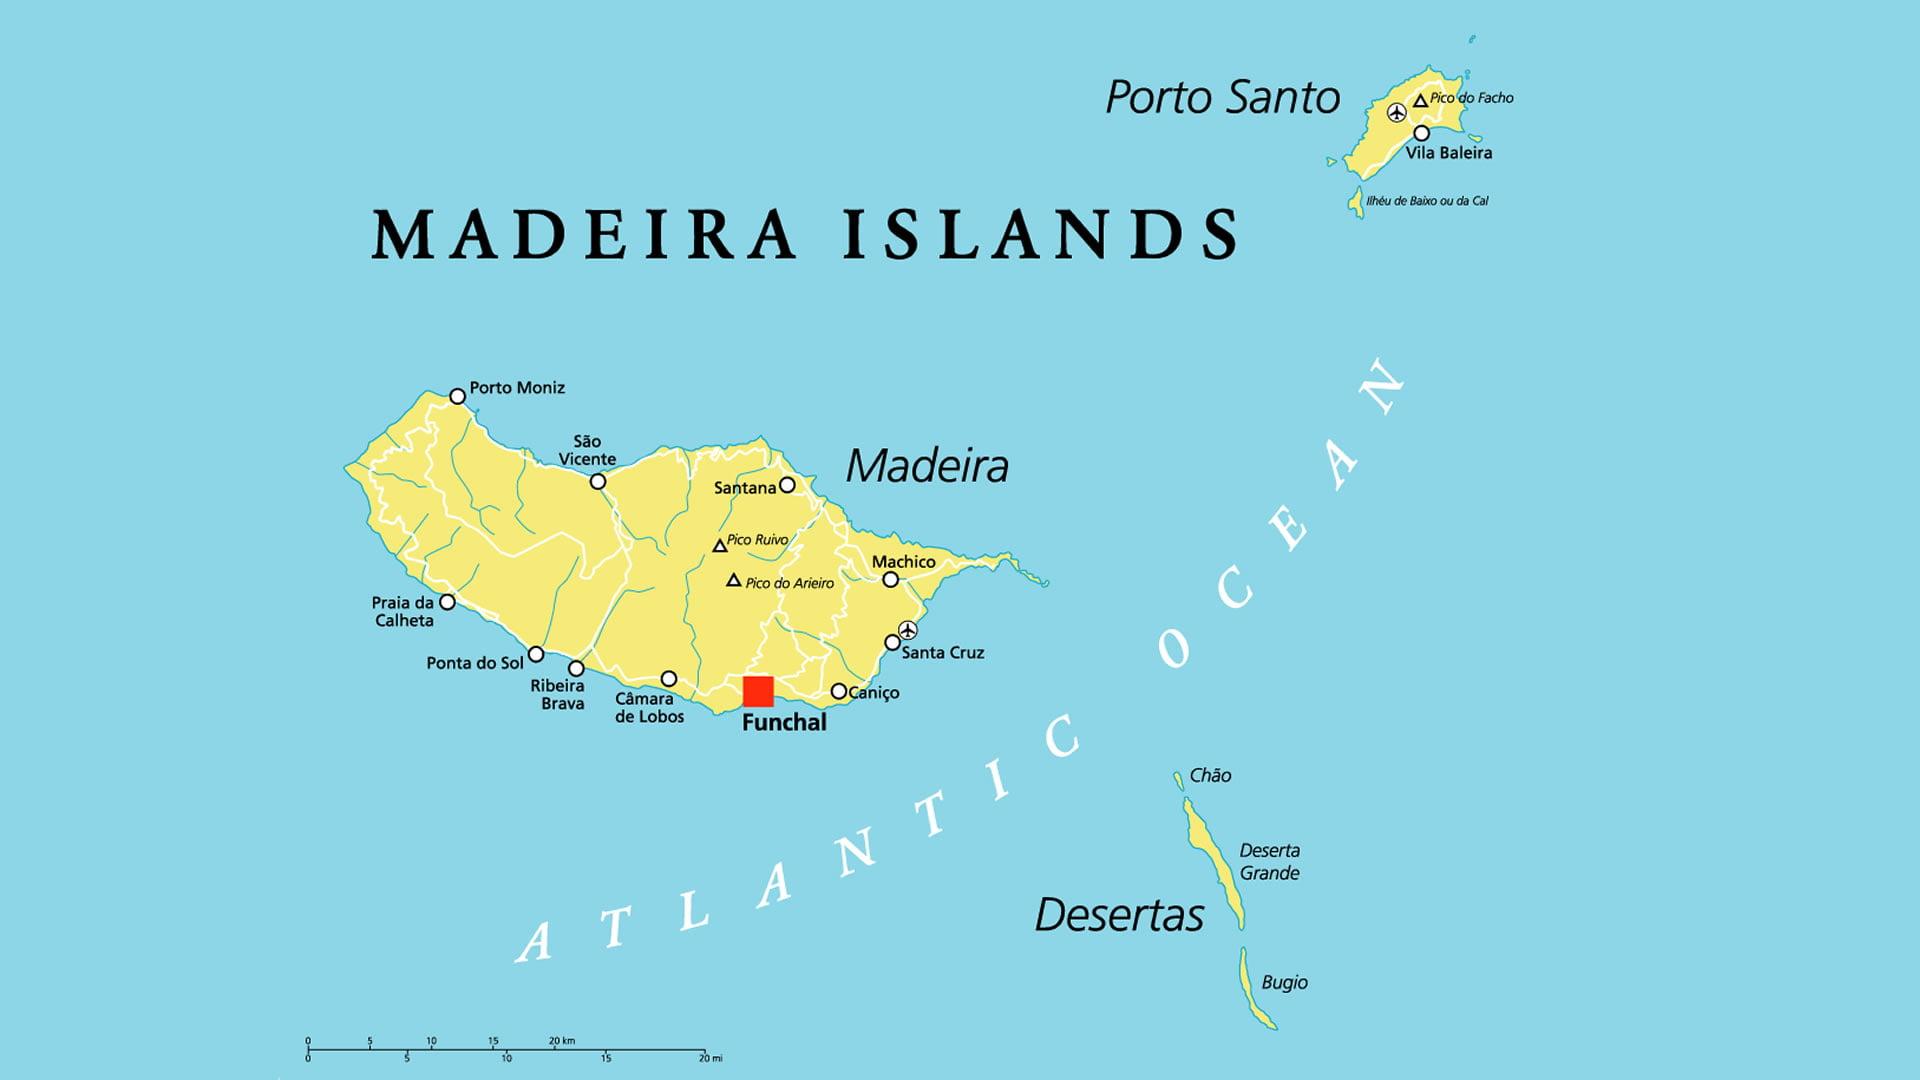 mapa de portugal e madeira Mapa de Madeira (Portugal) mapa de portugal e madeira